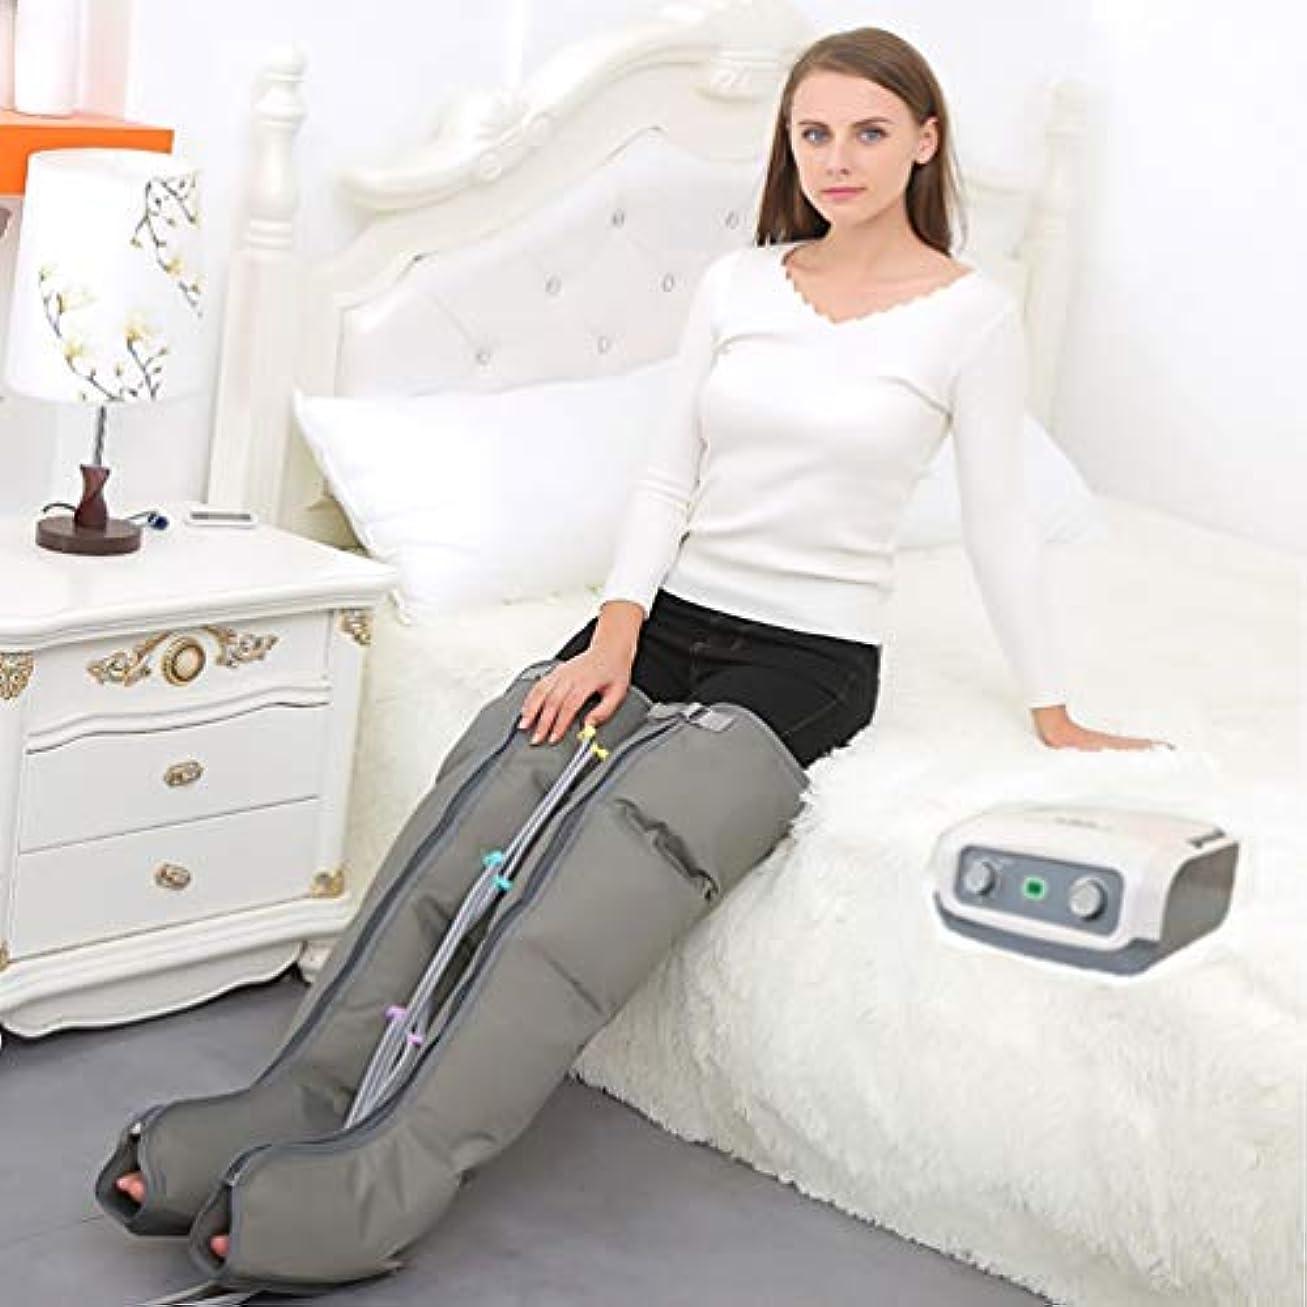 欺インタフェース反対足のふくらはぎ循環ブースターマッサージ療法4キャビティ高齢者の足のマッサージのための空気圧縮脚マッサージ機,doubleLowerlimbs